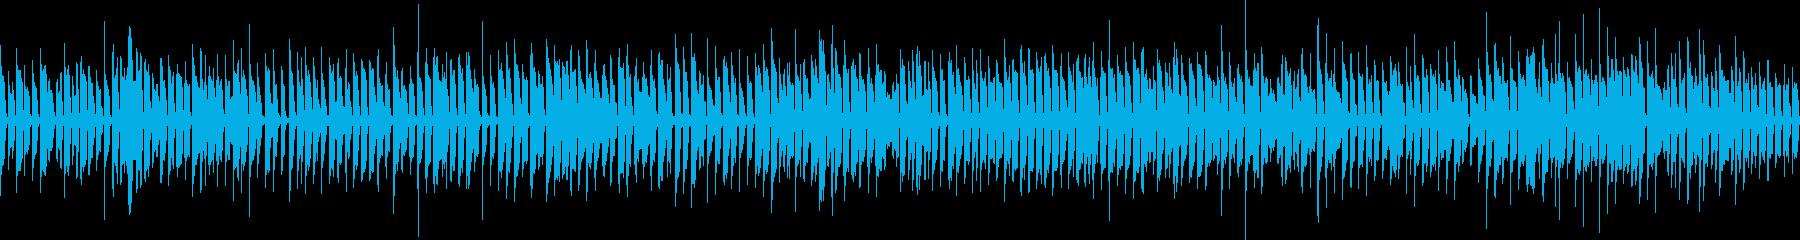 レトロな冒険 (ループ仕様)の再生済みの波形